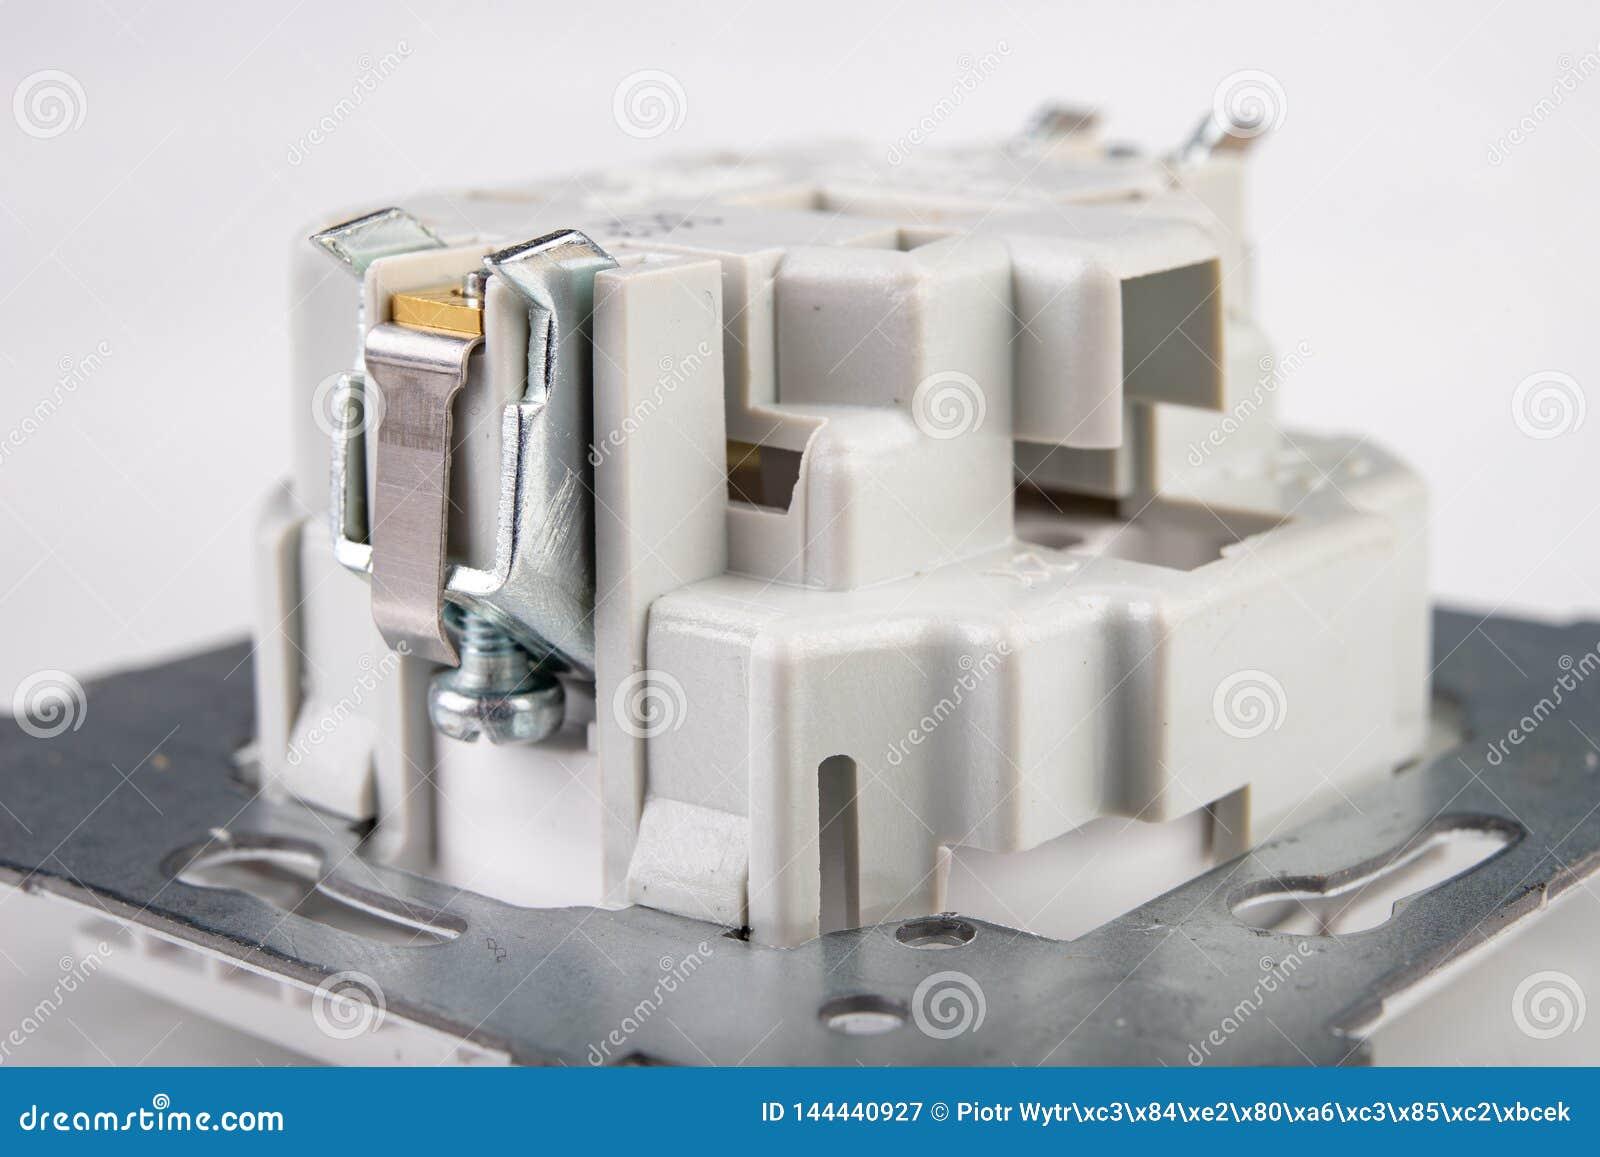 Losgeschroefte elektrocontactdoos Toebehoren en componenten voor de elektricien nodig voor assemblage in een losgemaakt huis